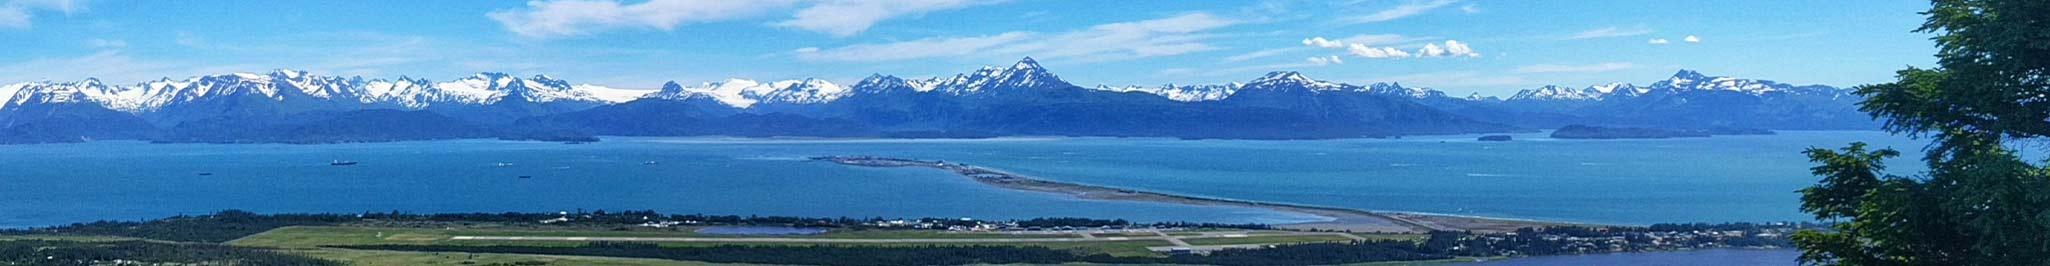 The Homer Spit in Alaska